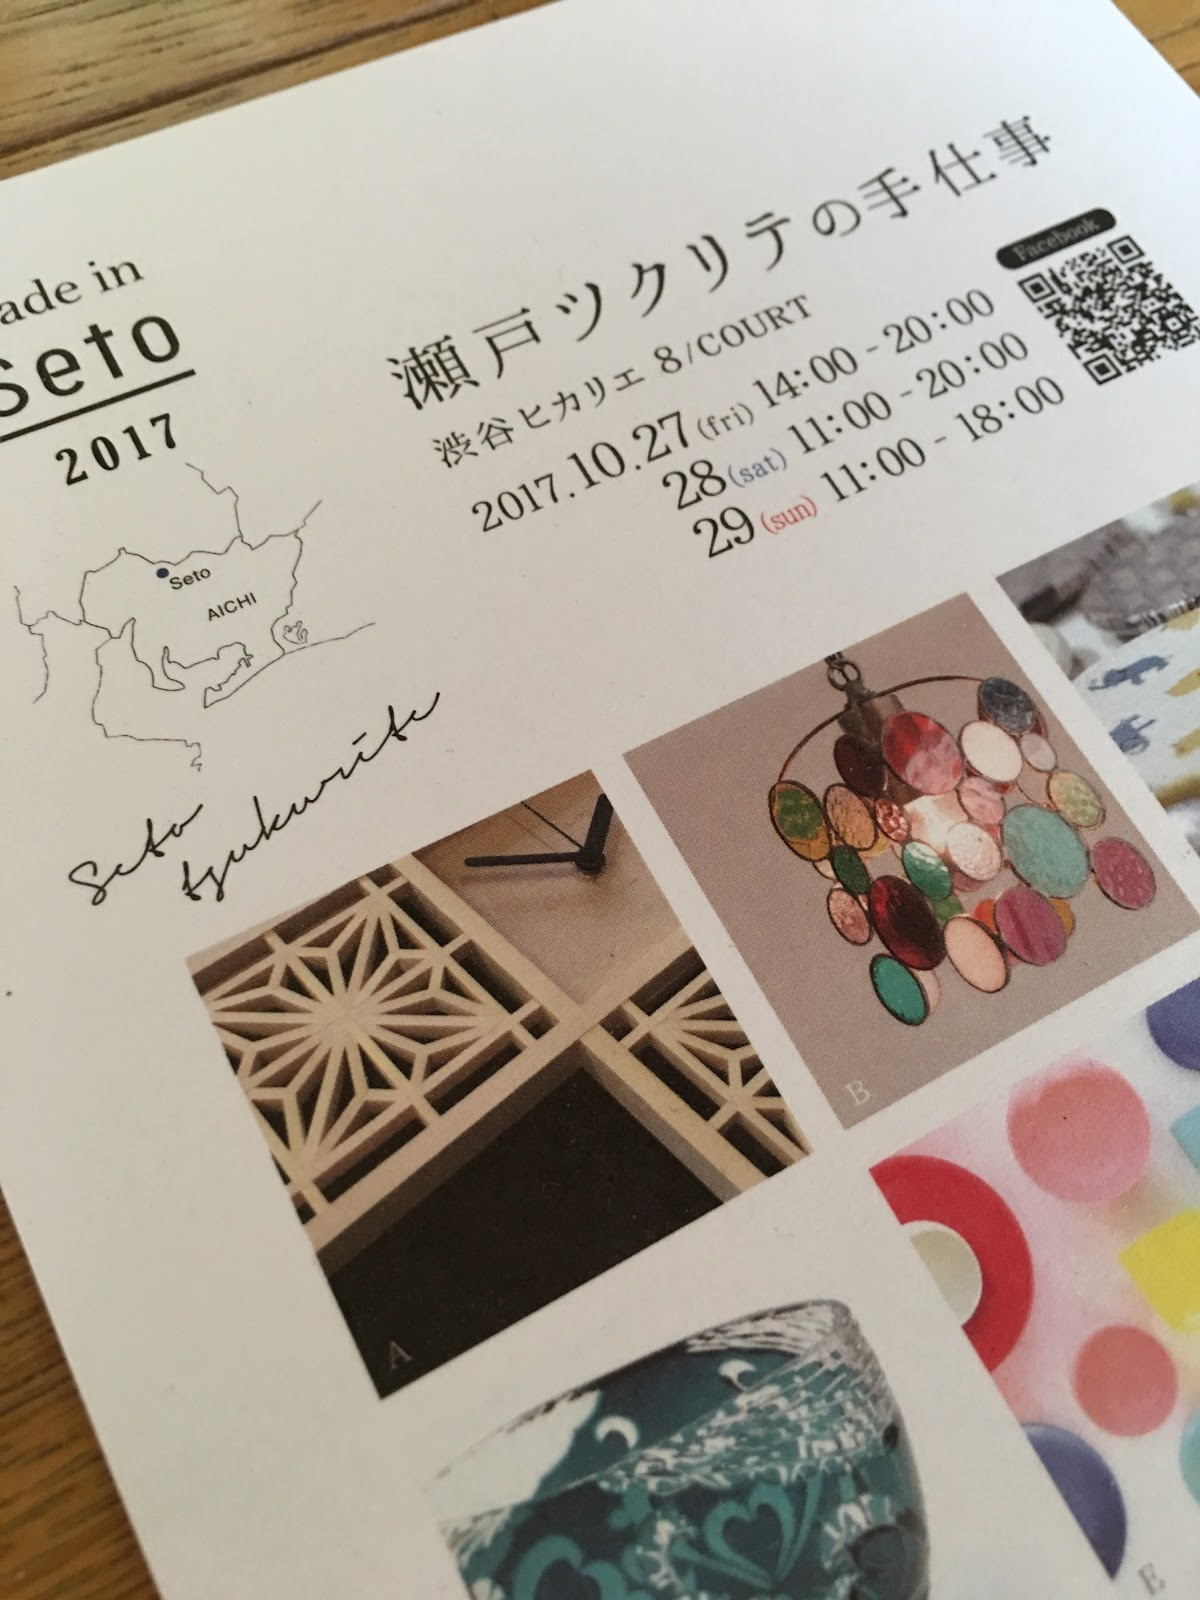 http://www.hikarie8.com/court/2017/09/made-in-seto.shtml